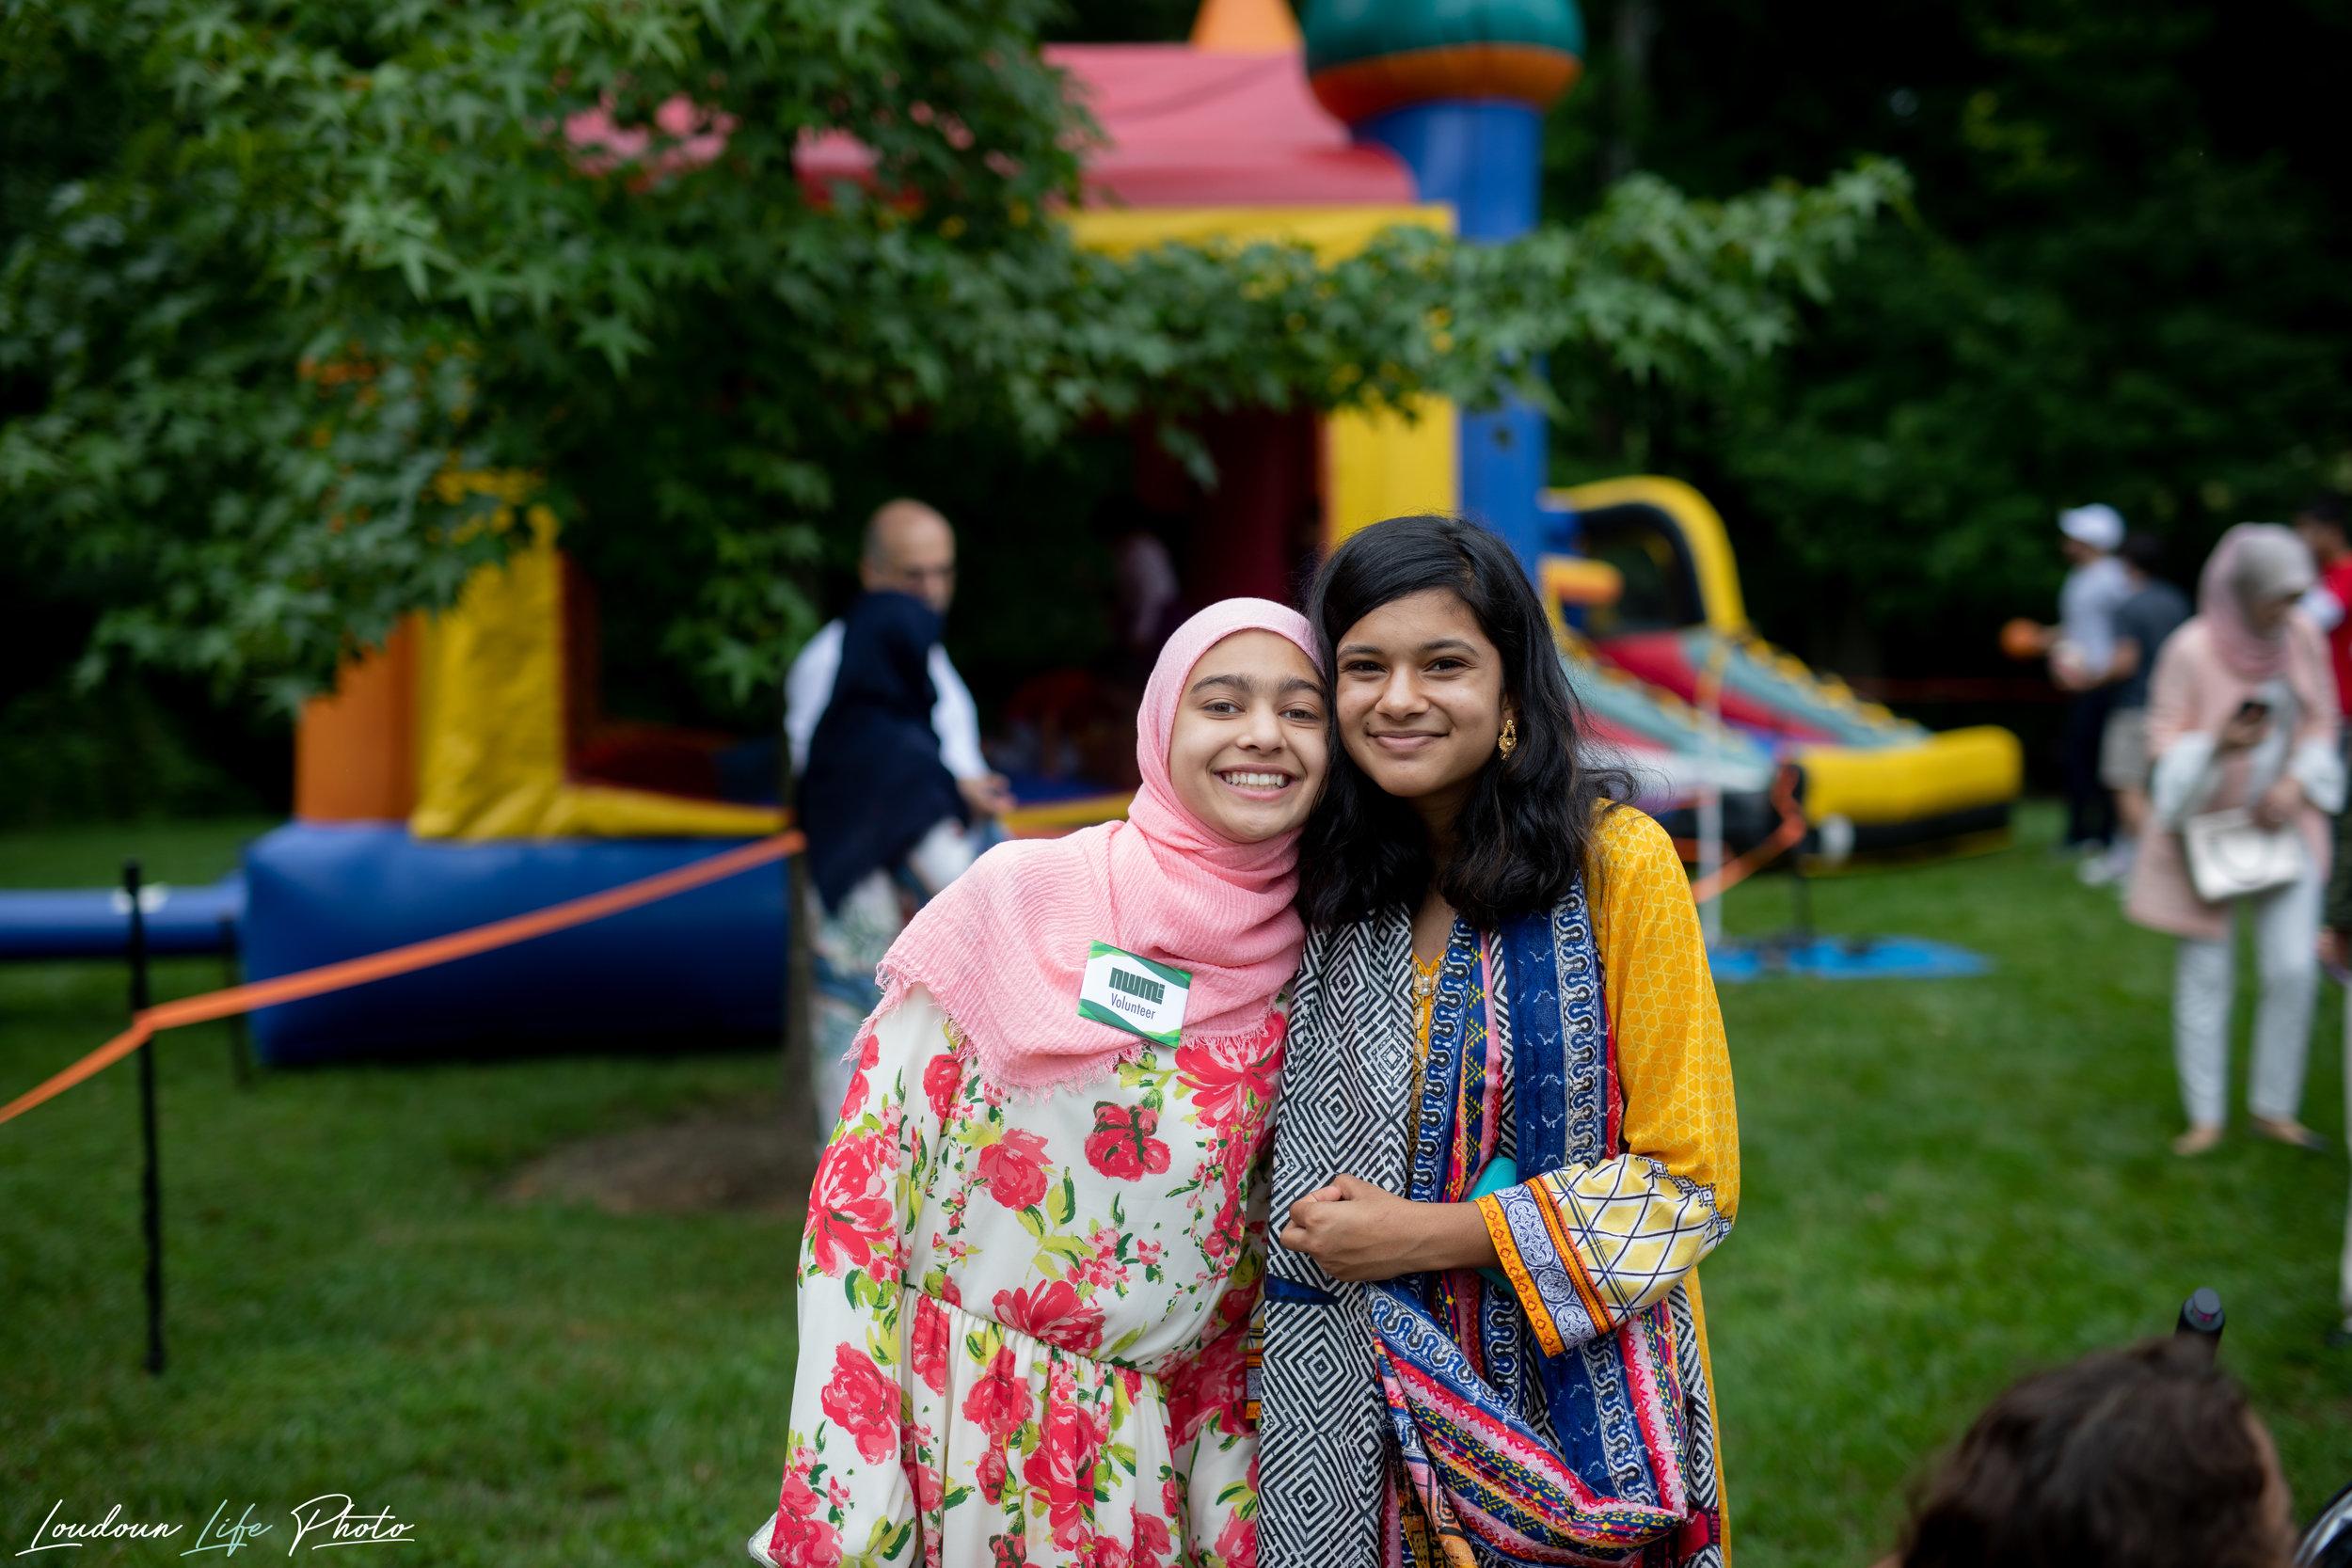 NWMI Eid al Adha - Loudoun Life Photo - 34.jpg